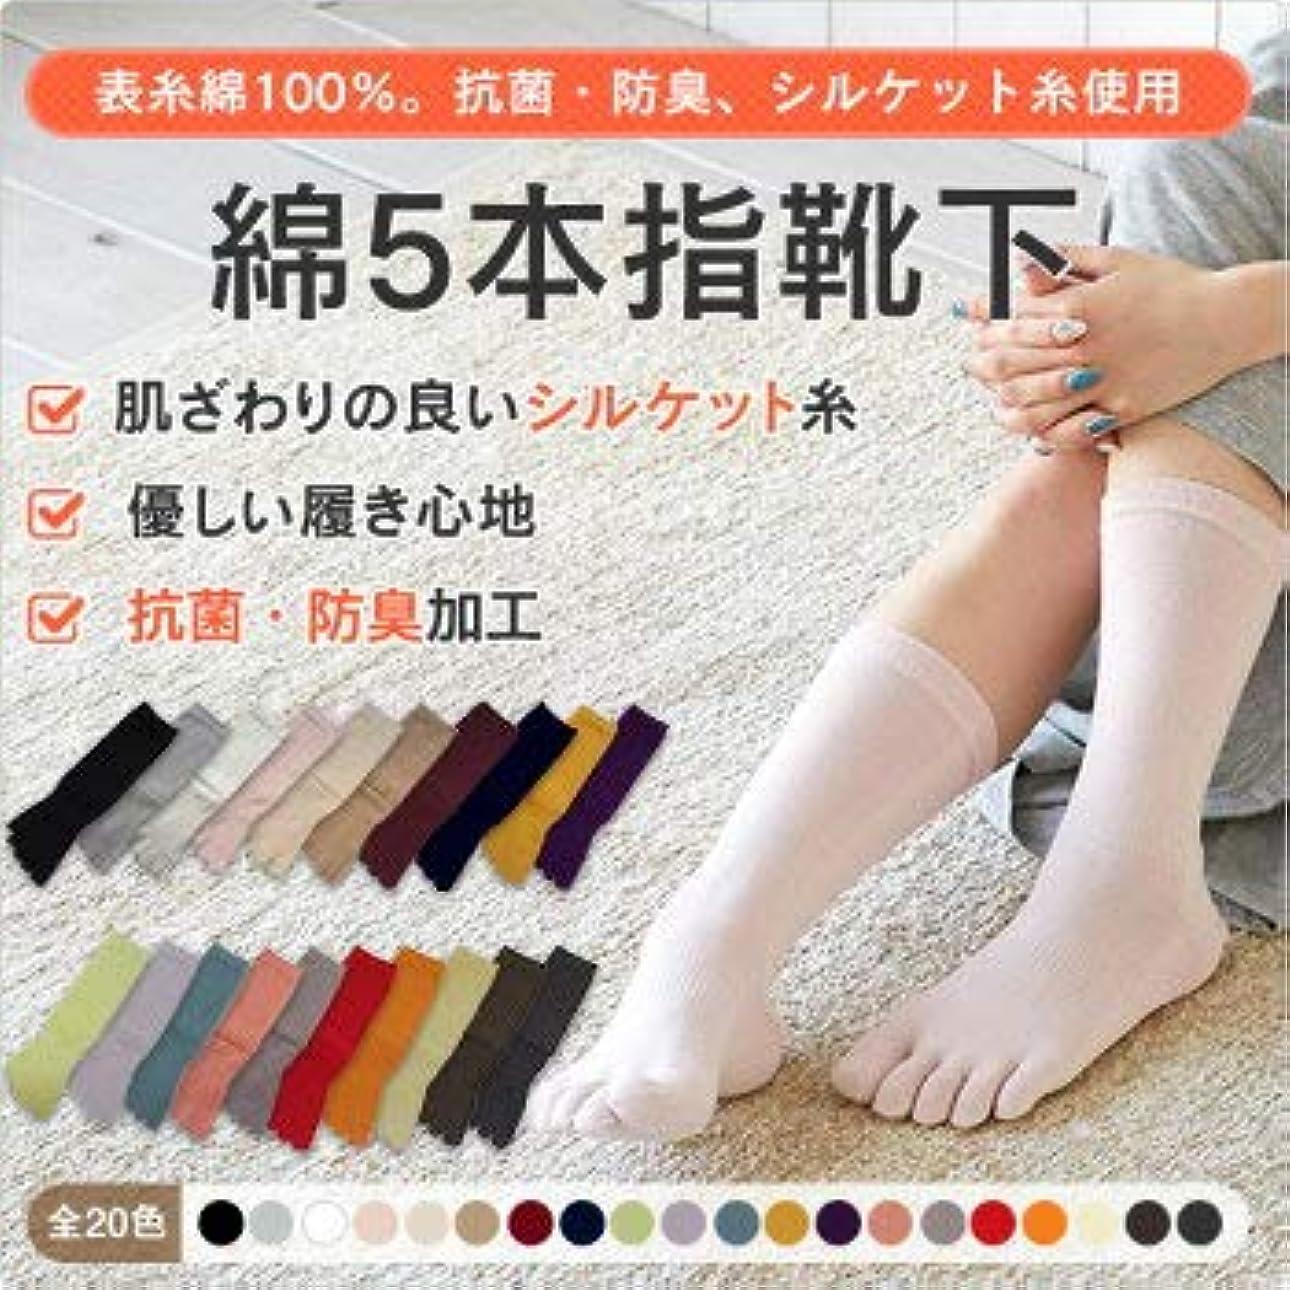 もチョップ思いつく女性用 5本指 ソックス 抗菌防臭 加工 綿100%糸使用 5色組 老舗 靴下 メーカーのこだわり 23-25cm 太陽ニット 3205P